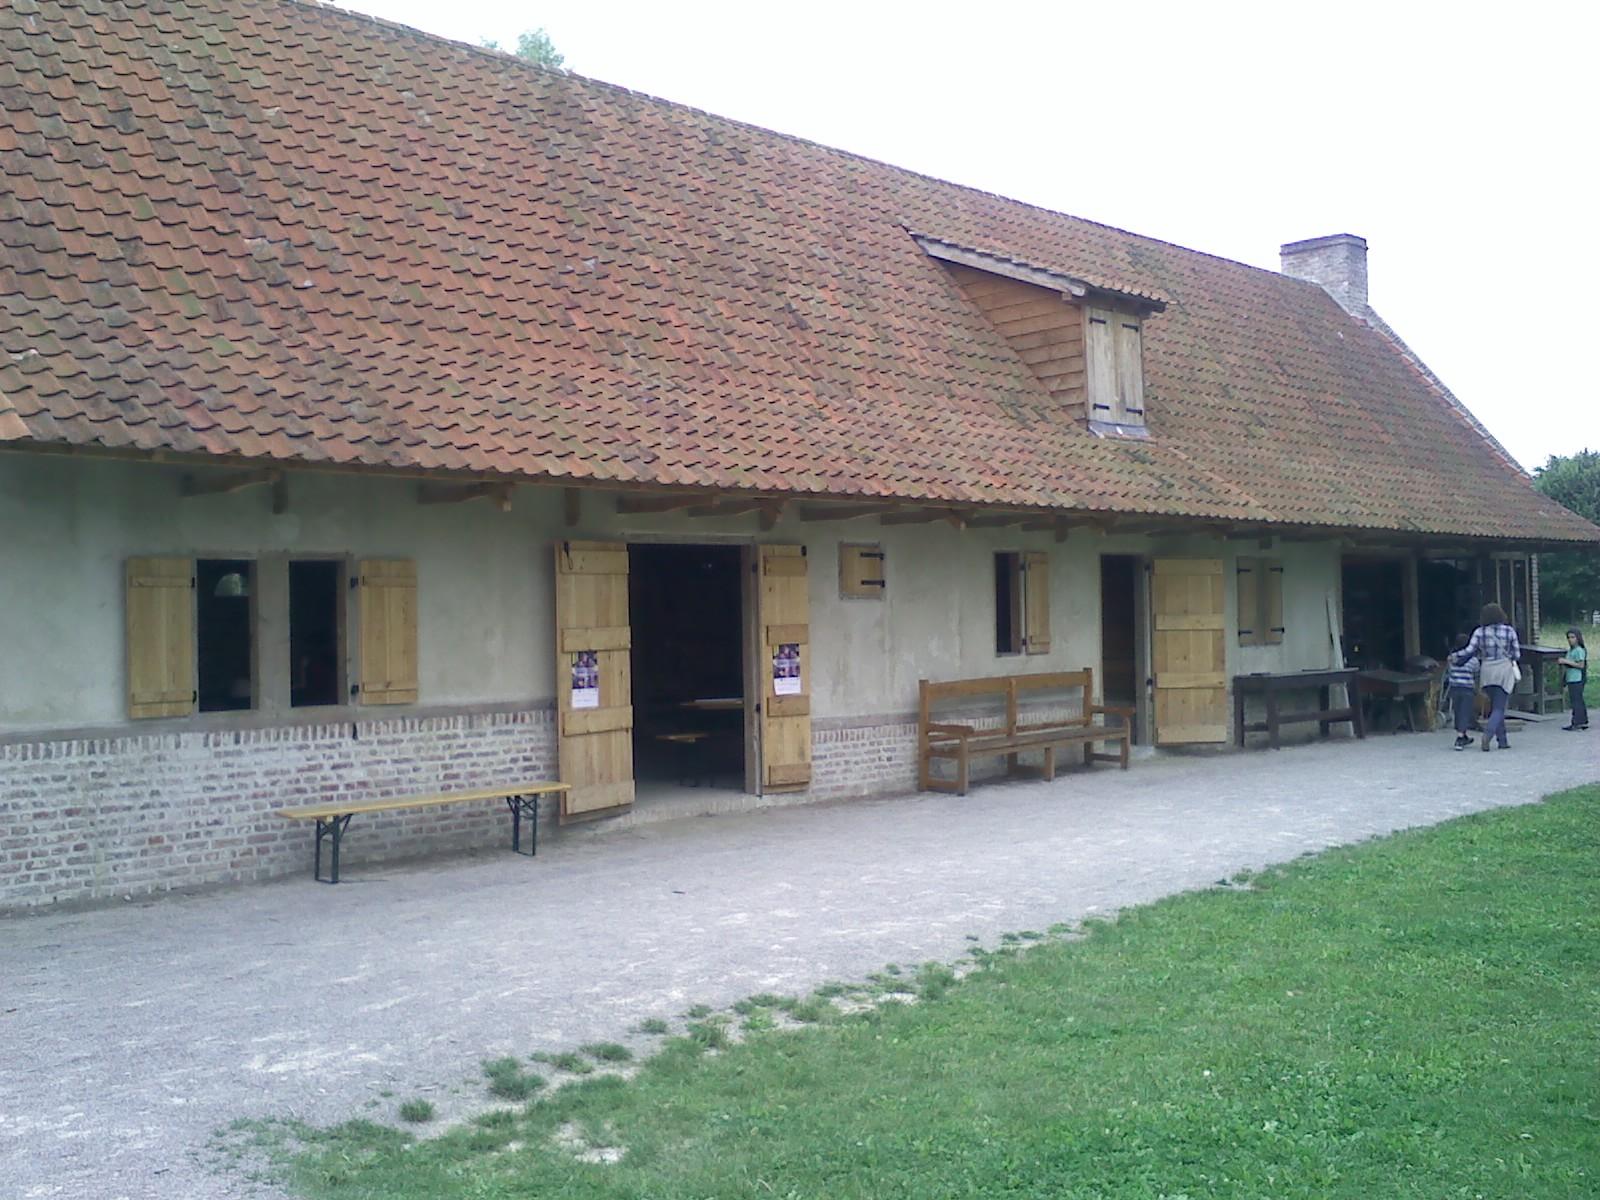 Musée de plein air de Villeuneuve d'Ascq